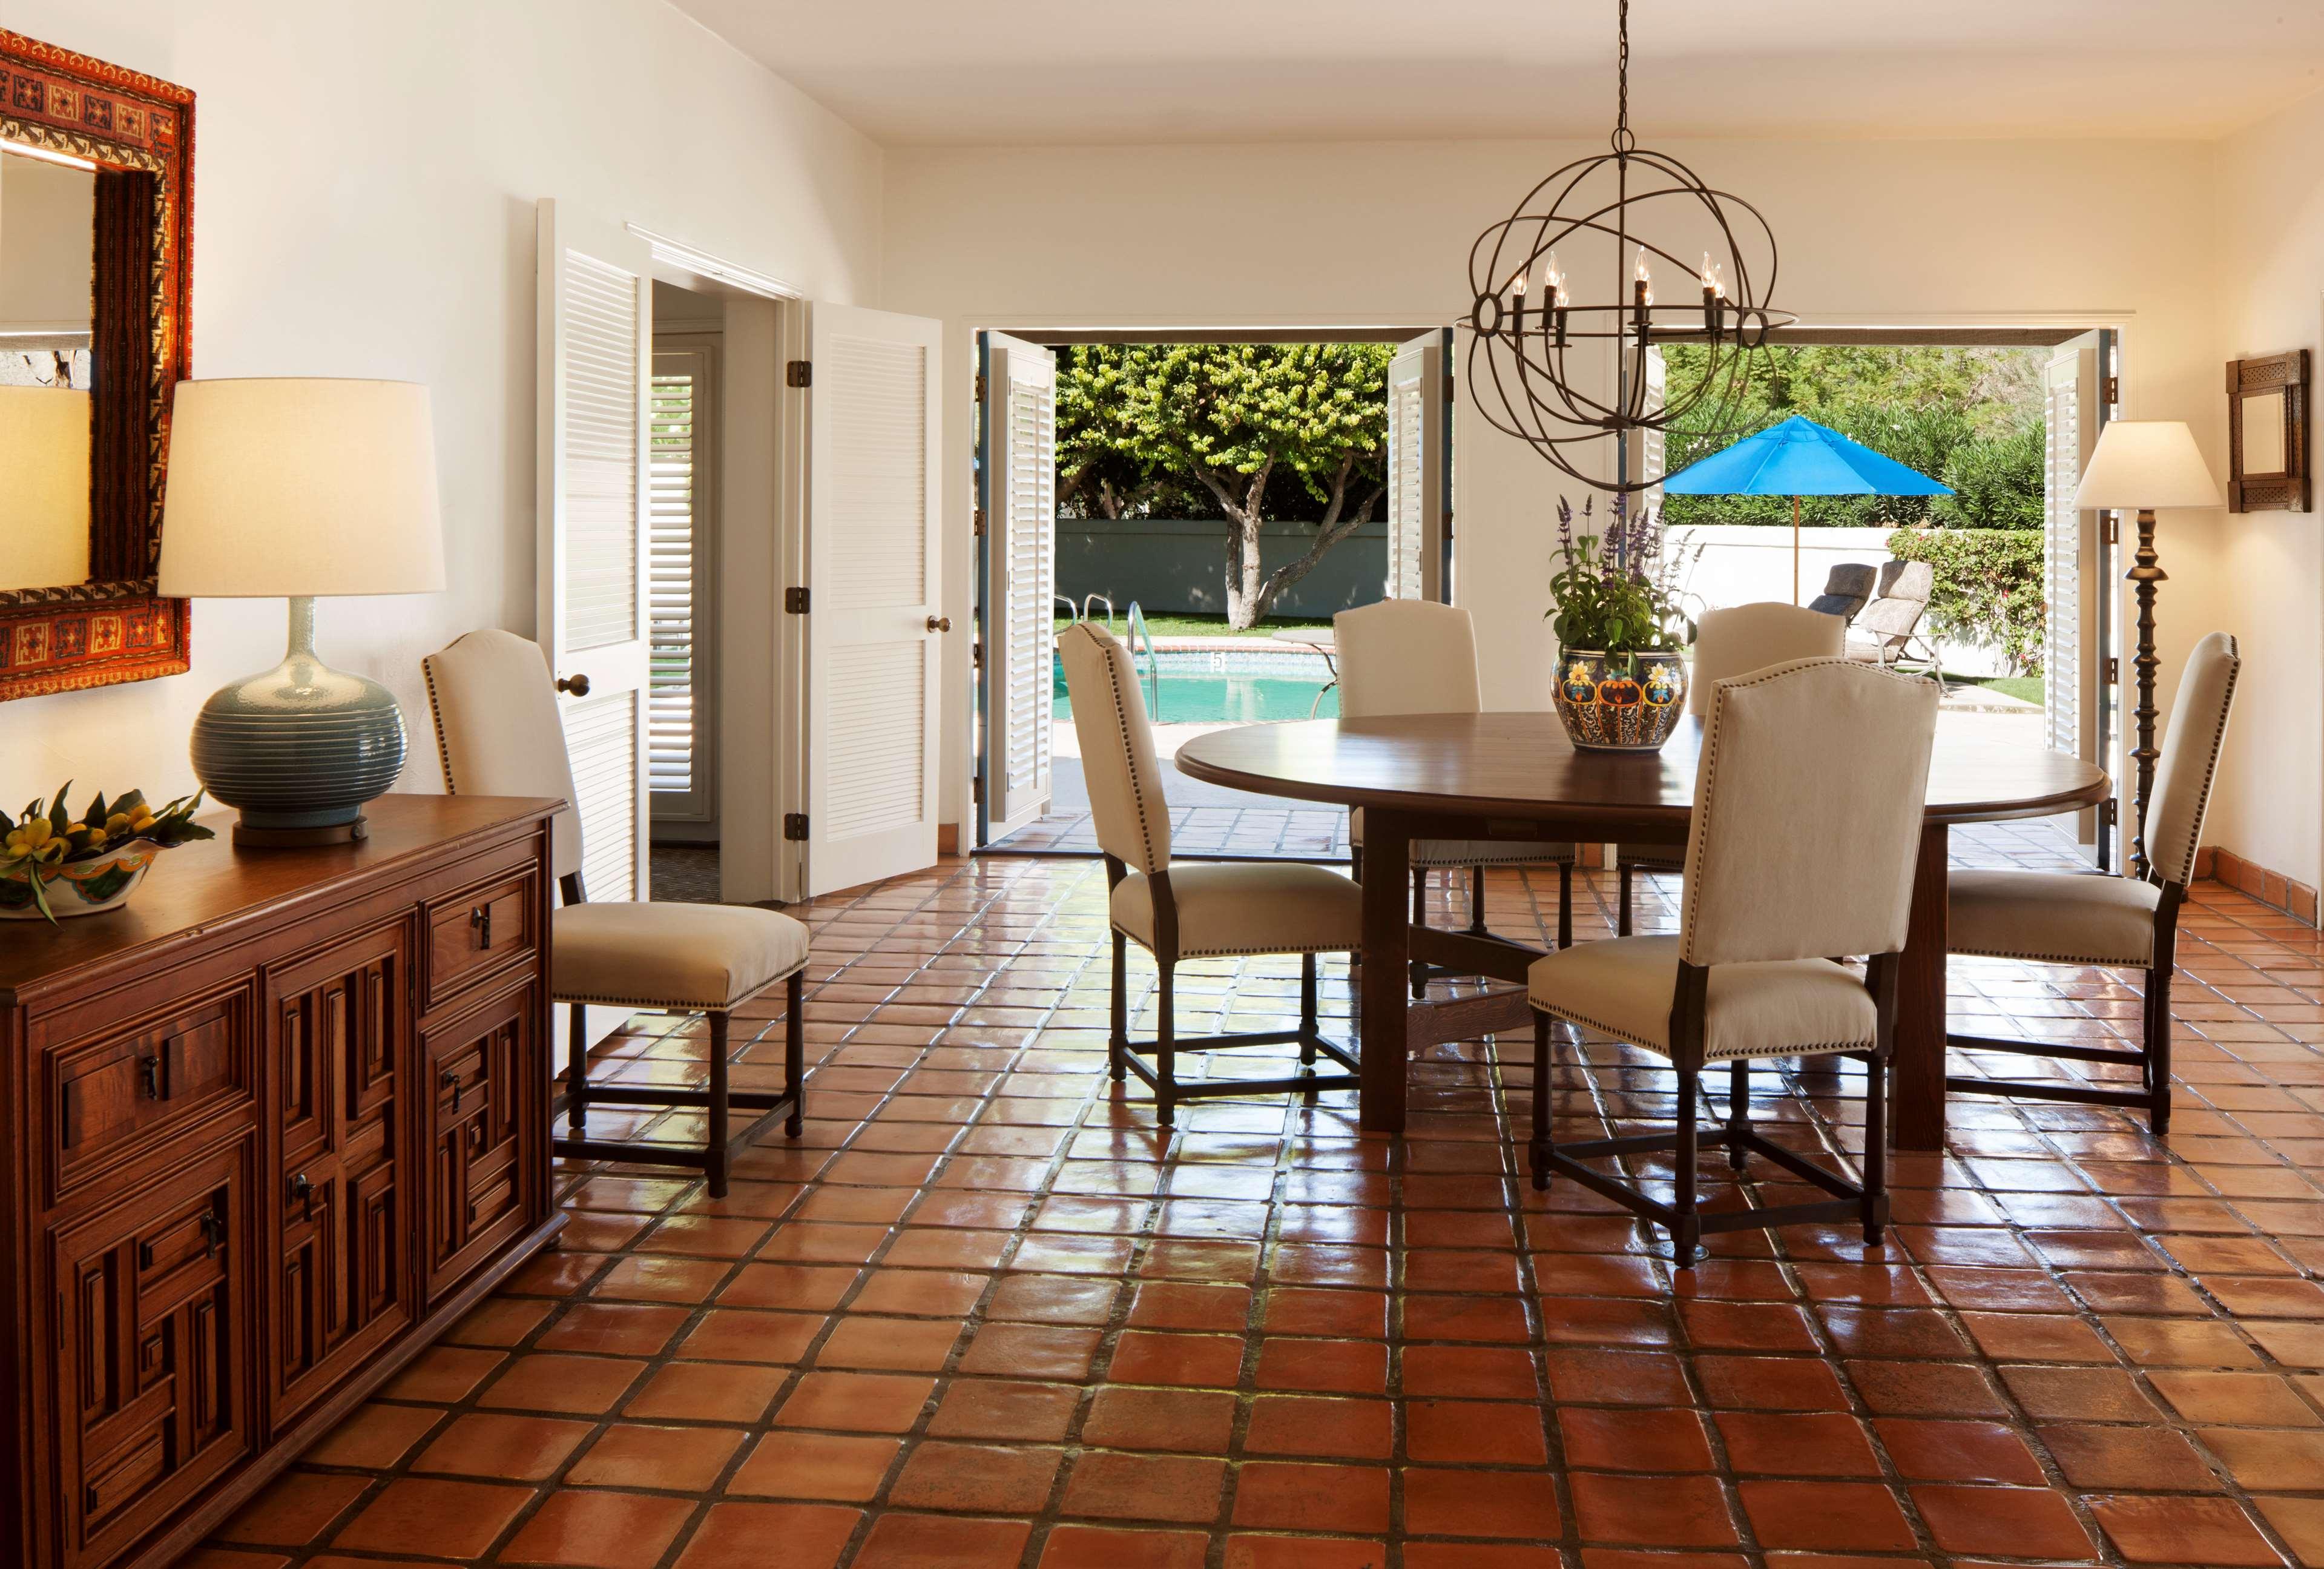 La Quinta Resort & Club, A Waldorf Astoria Resort image 18